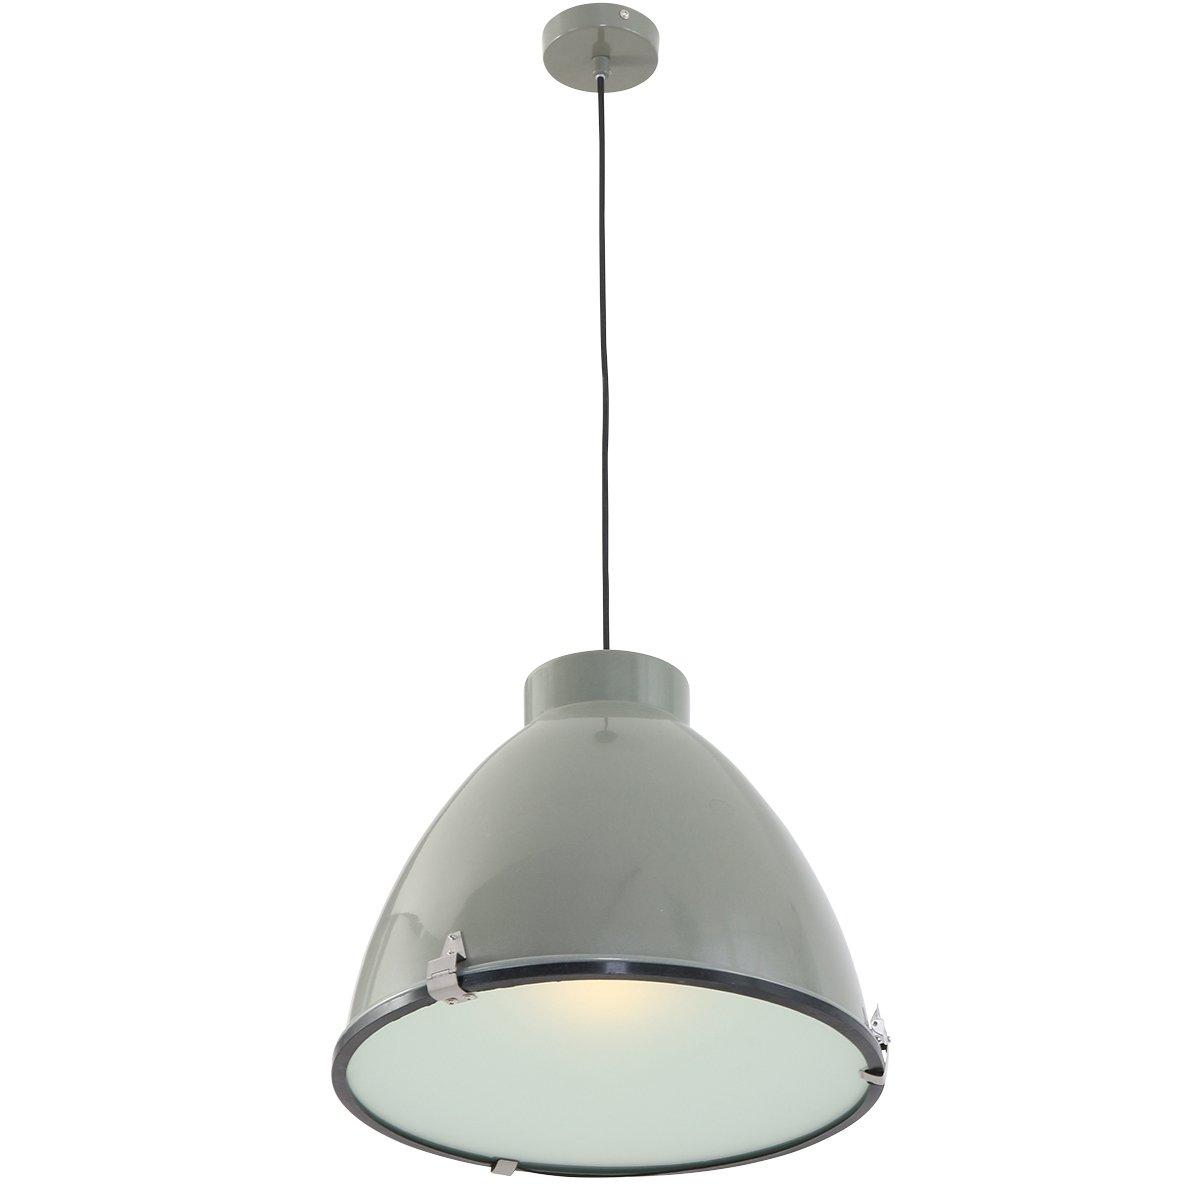 Steinhauer Retro hanglamp Stacey Steinhauer 7682G